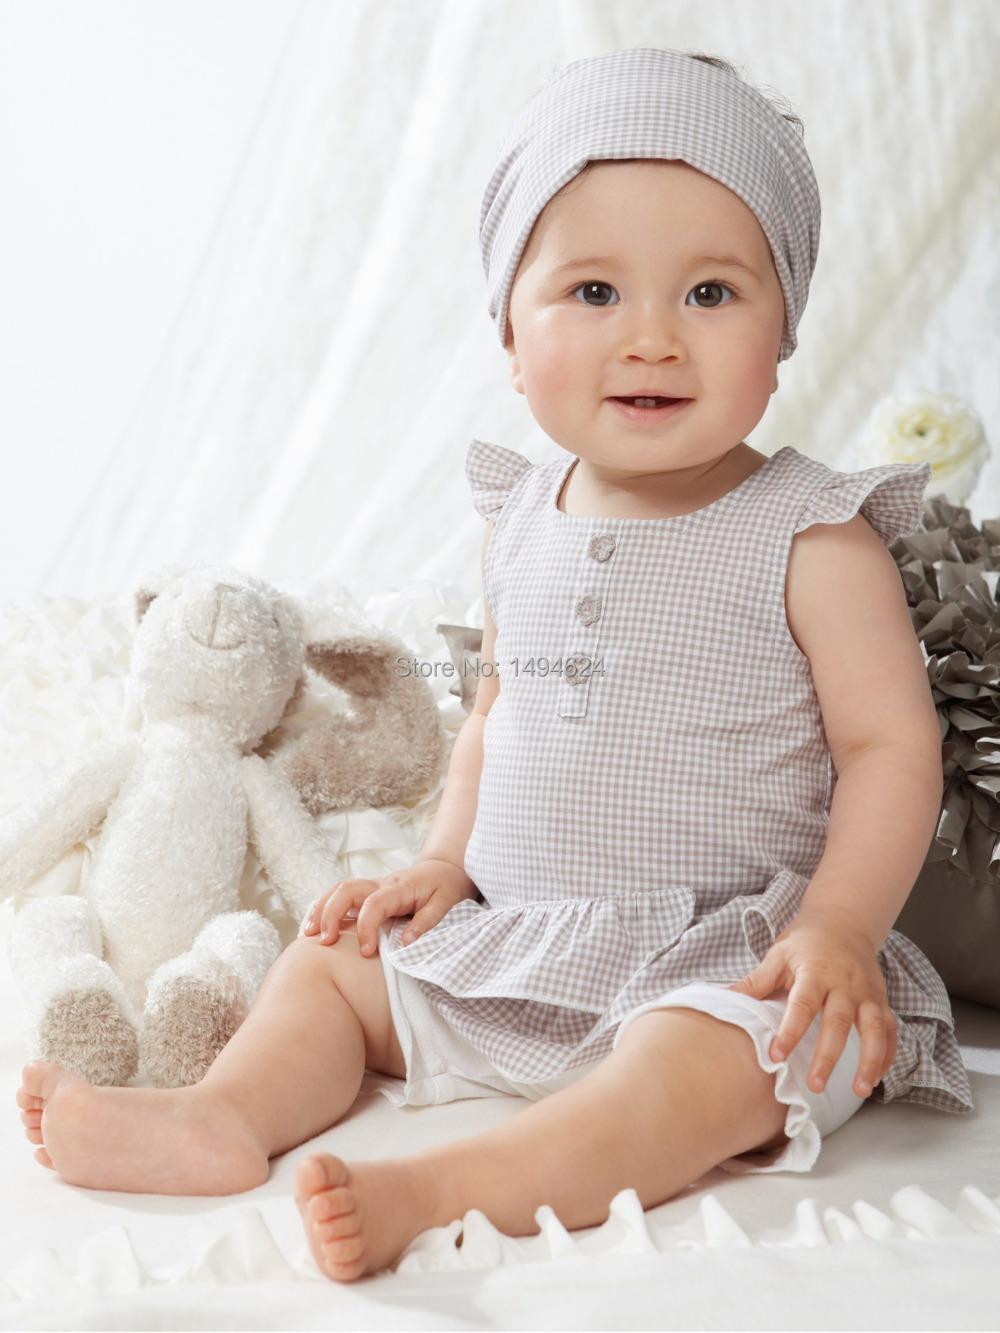 ... baby kleidung baby kleider neugeborenen Neugeborenen kleidung legt